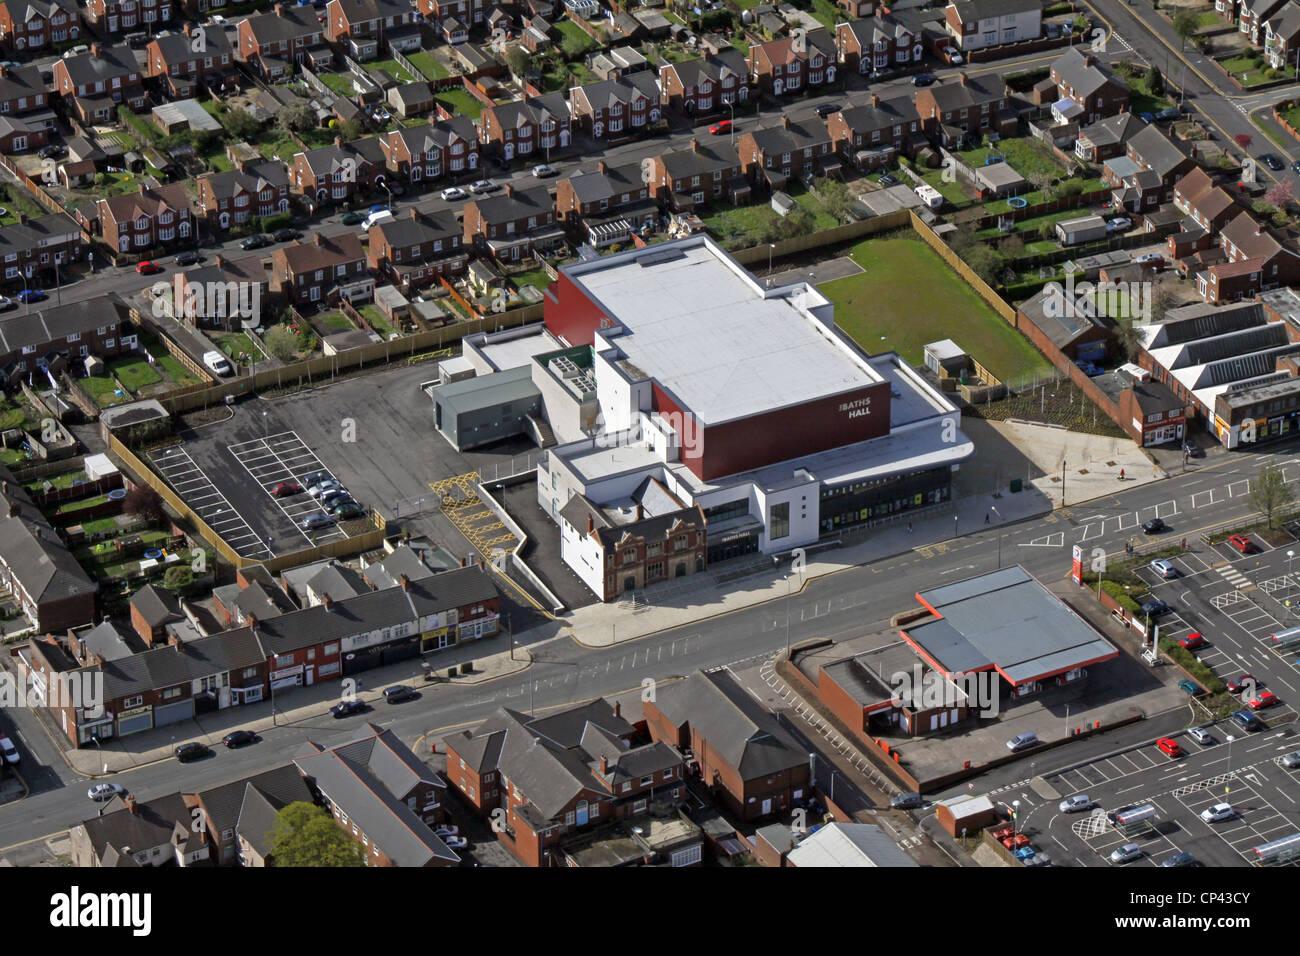 Vue aérienne de la salle des bains de divertissement, Scunthorpe Photo Stock